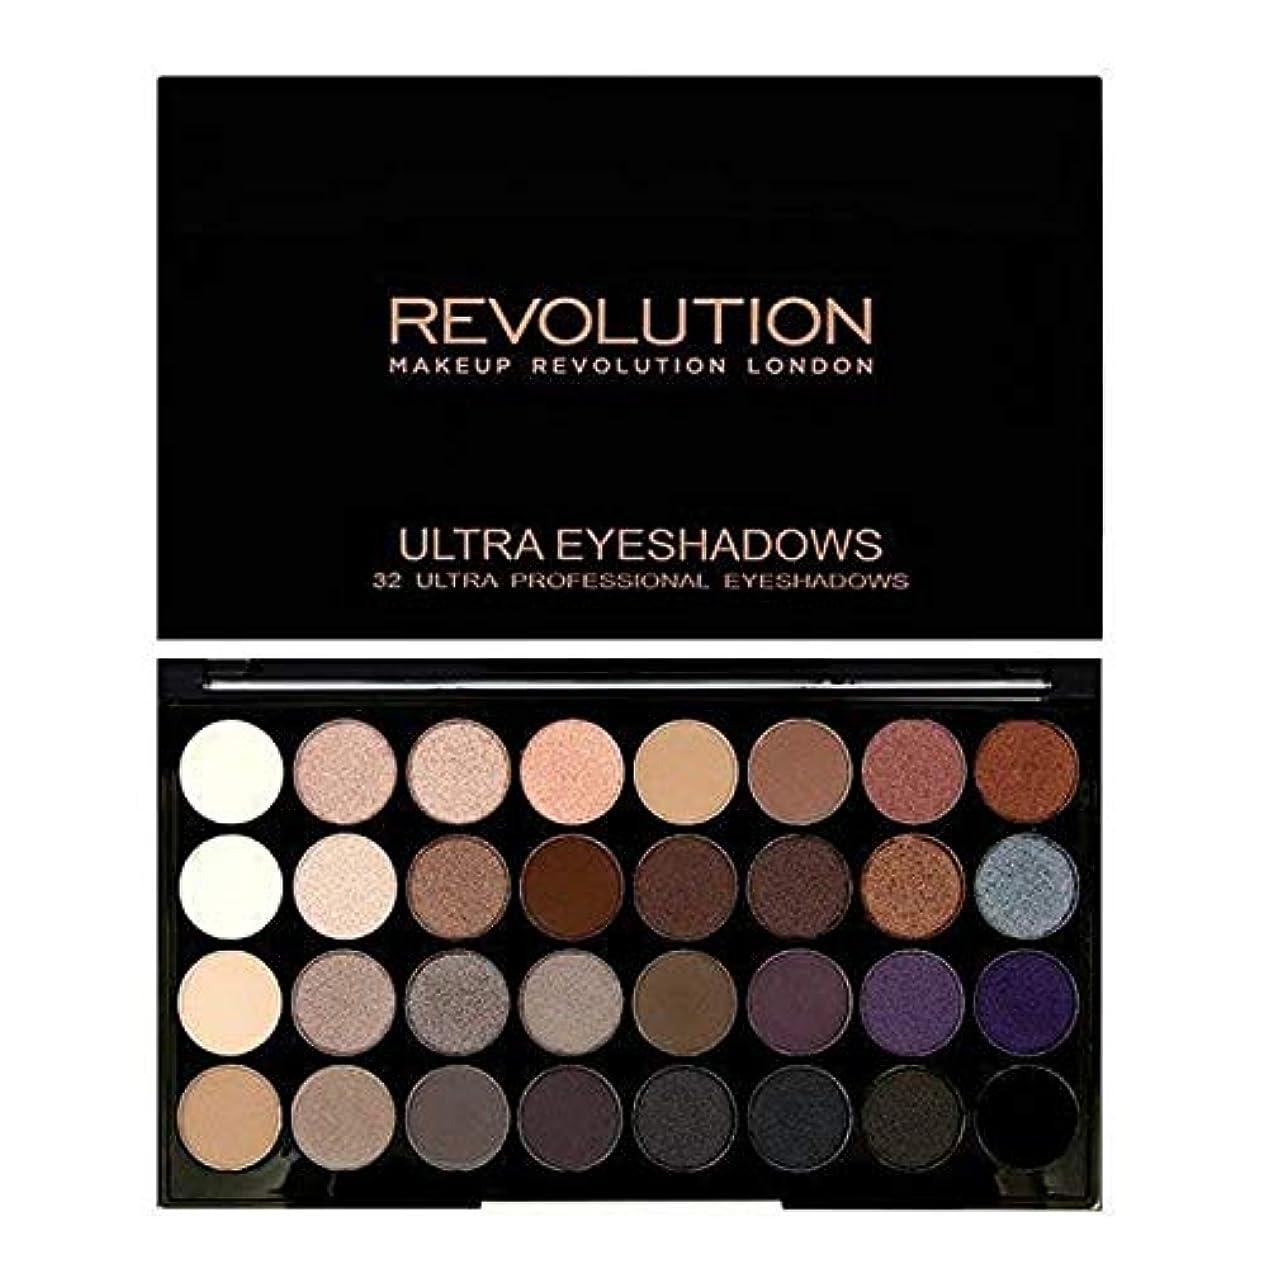 拳スキャンダルジェーンオースティン[Revolution ] 革命32アイシャドウパレット肯定 - Revolution 32 Eye Shadow Palette Affirmation [並行輸入品]